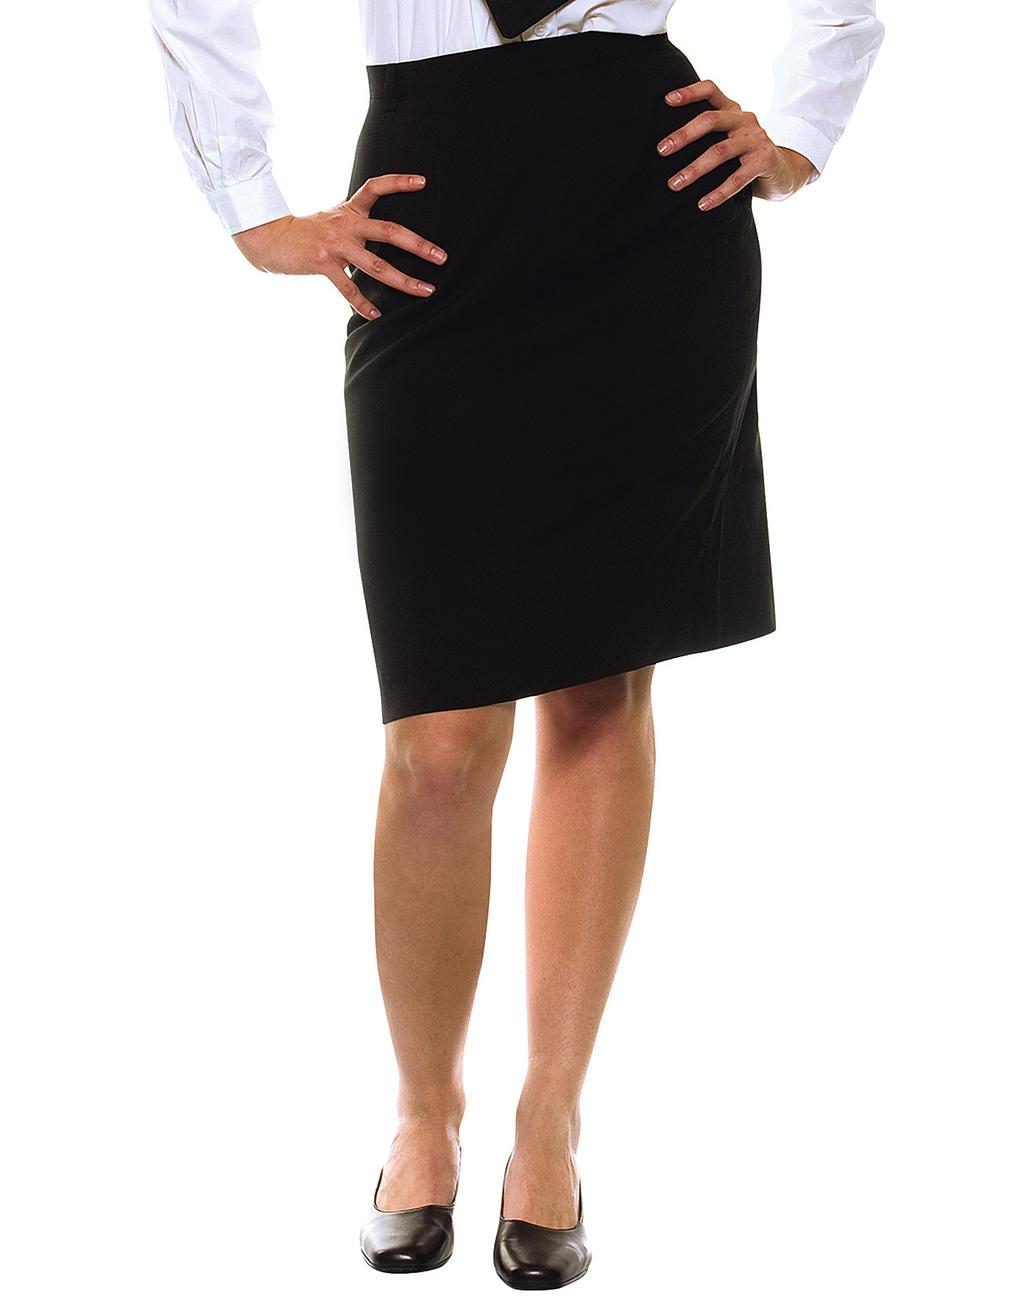 Základní èišnická suknì - zvìtšit obrázek